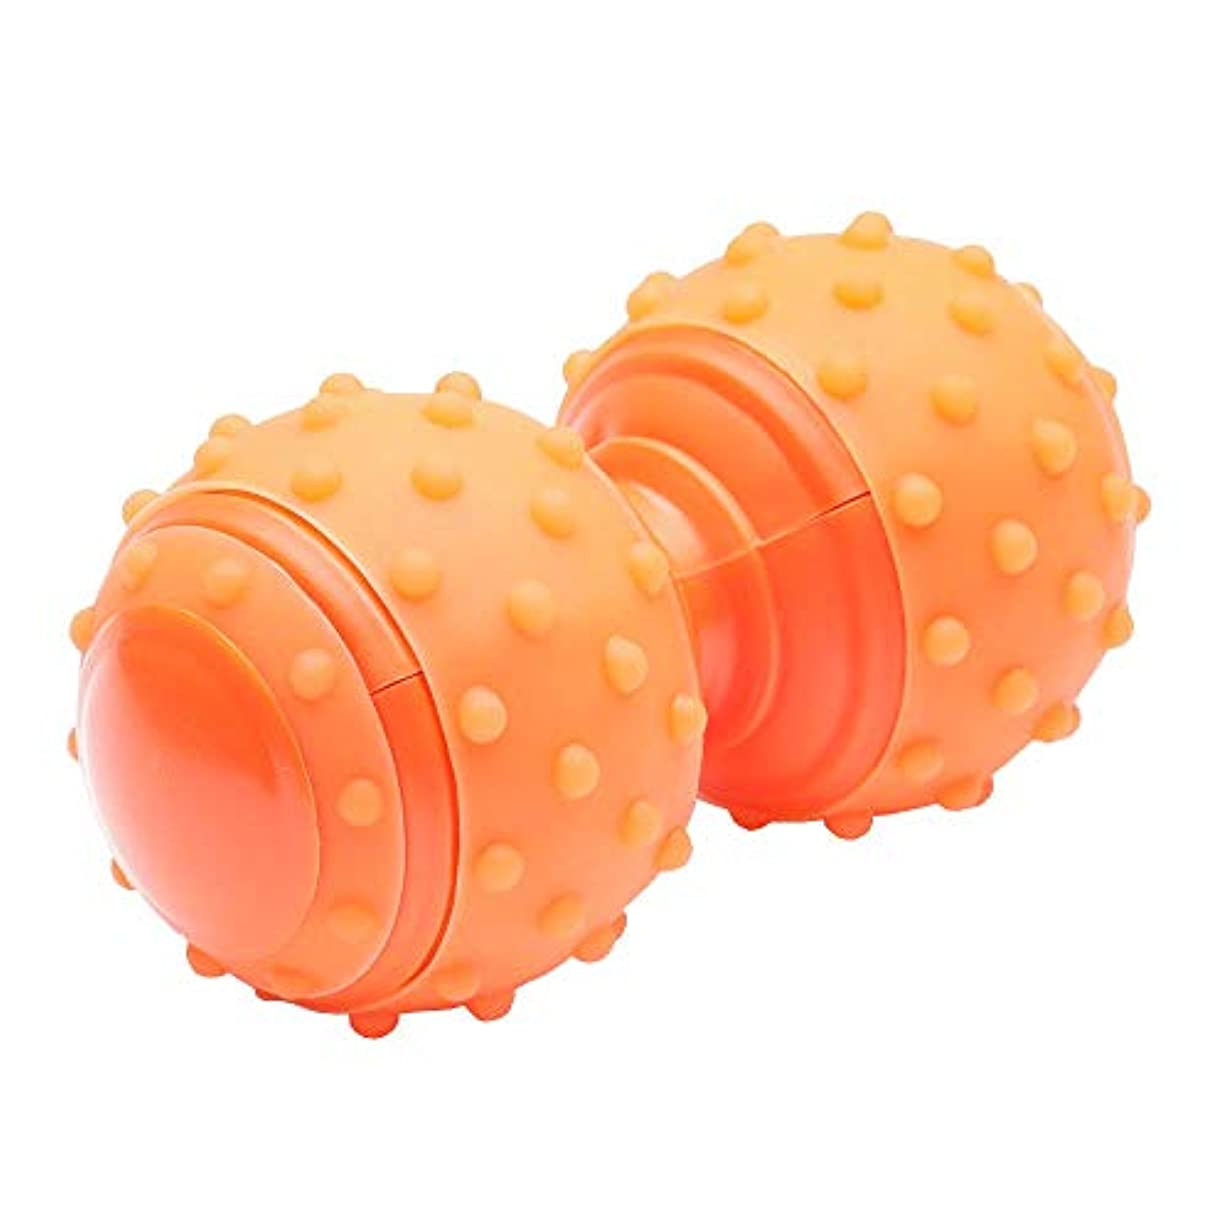 適合使い込むバイオリンMitasakaIs マッサージボール トリガーポイント 筋膜リリース 肩 肩甲骨 背中 ストレッチ ボール ツボ押し オレンジ